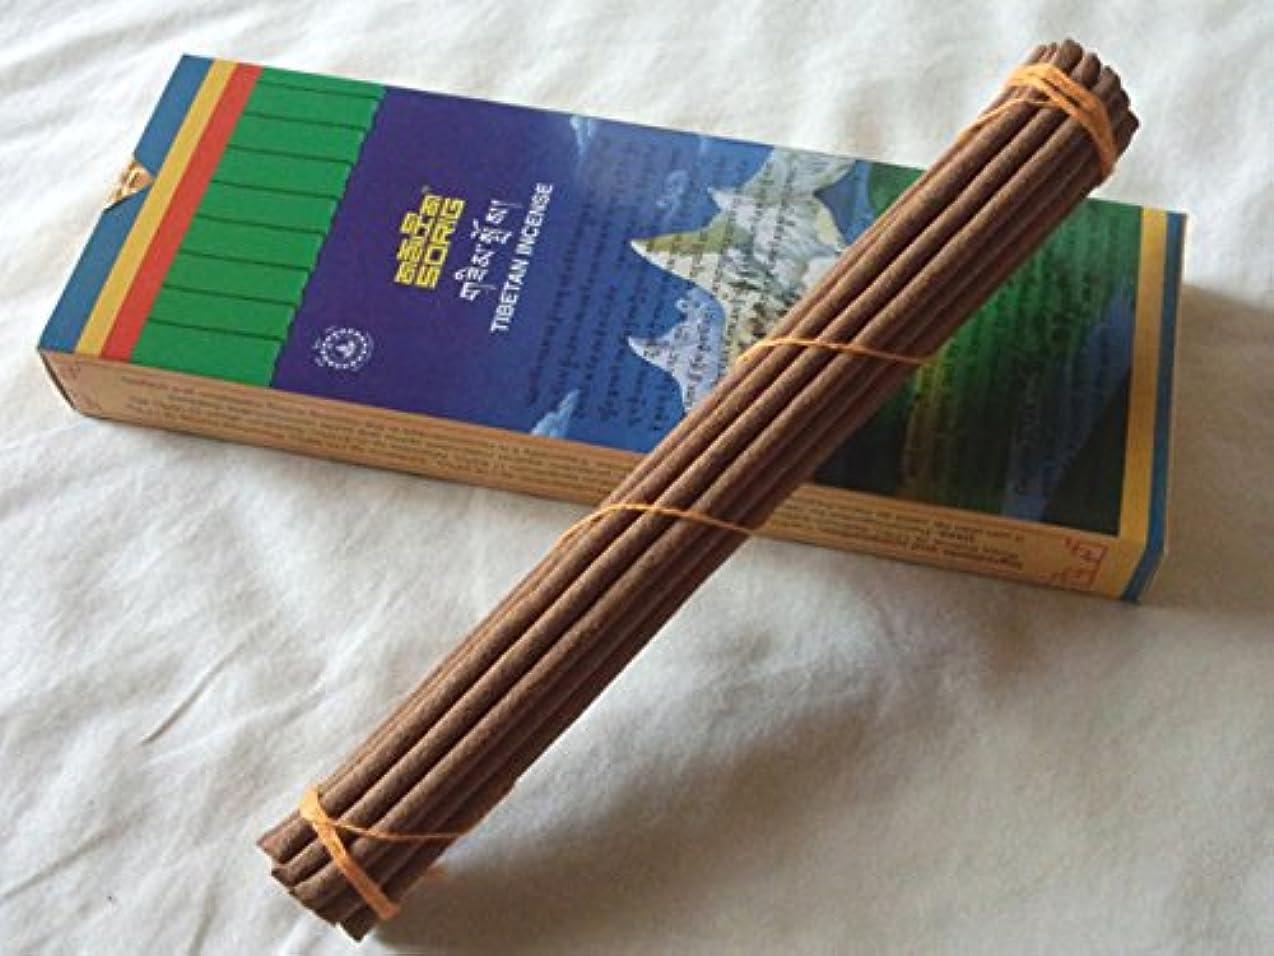 なしで精神医学どんよりしたMen-Tsee-Khang/メンツィカンのお香-お徳用トリプル SORIG Tibetan Incense big 約20本入×3束